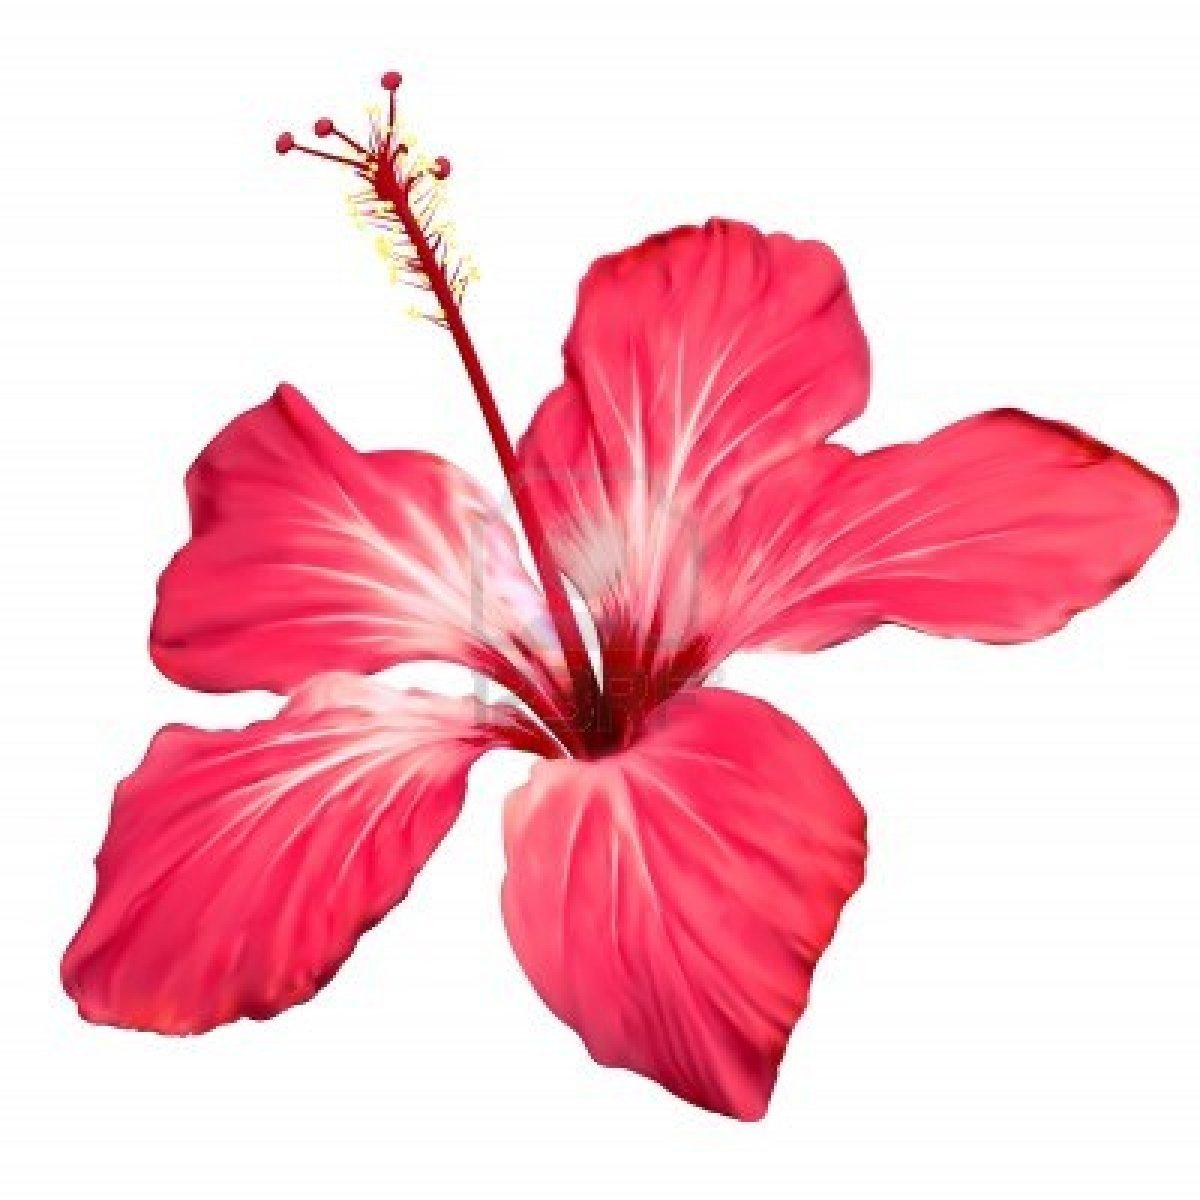 Clip Art Hawaiian Flowers - ClipArt Best